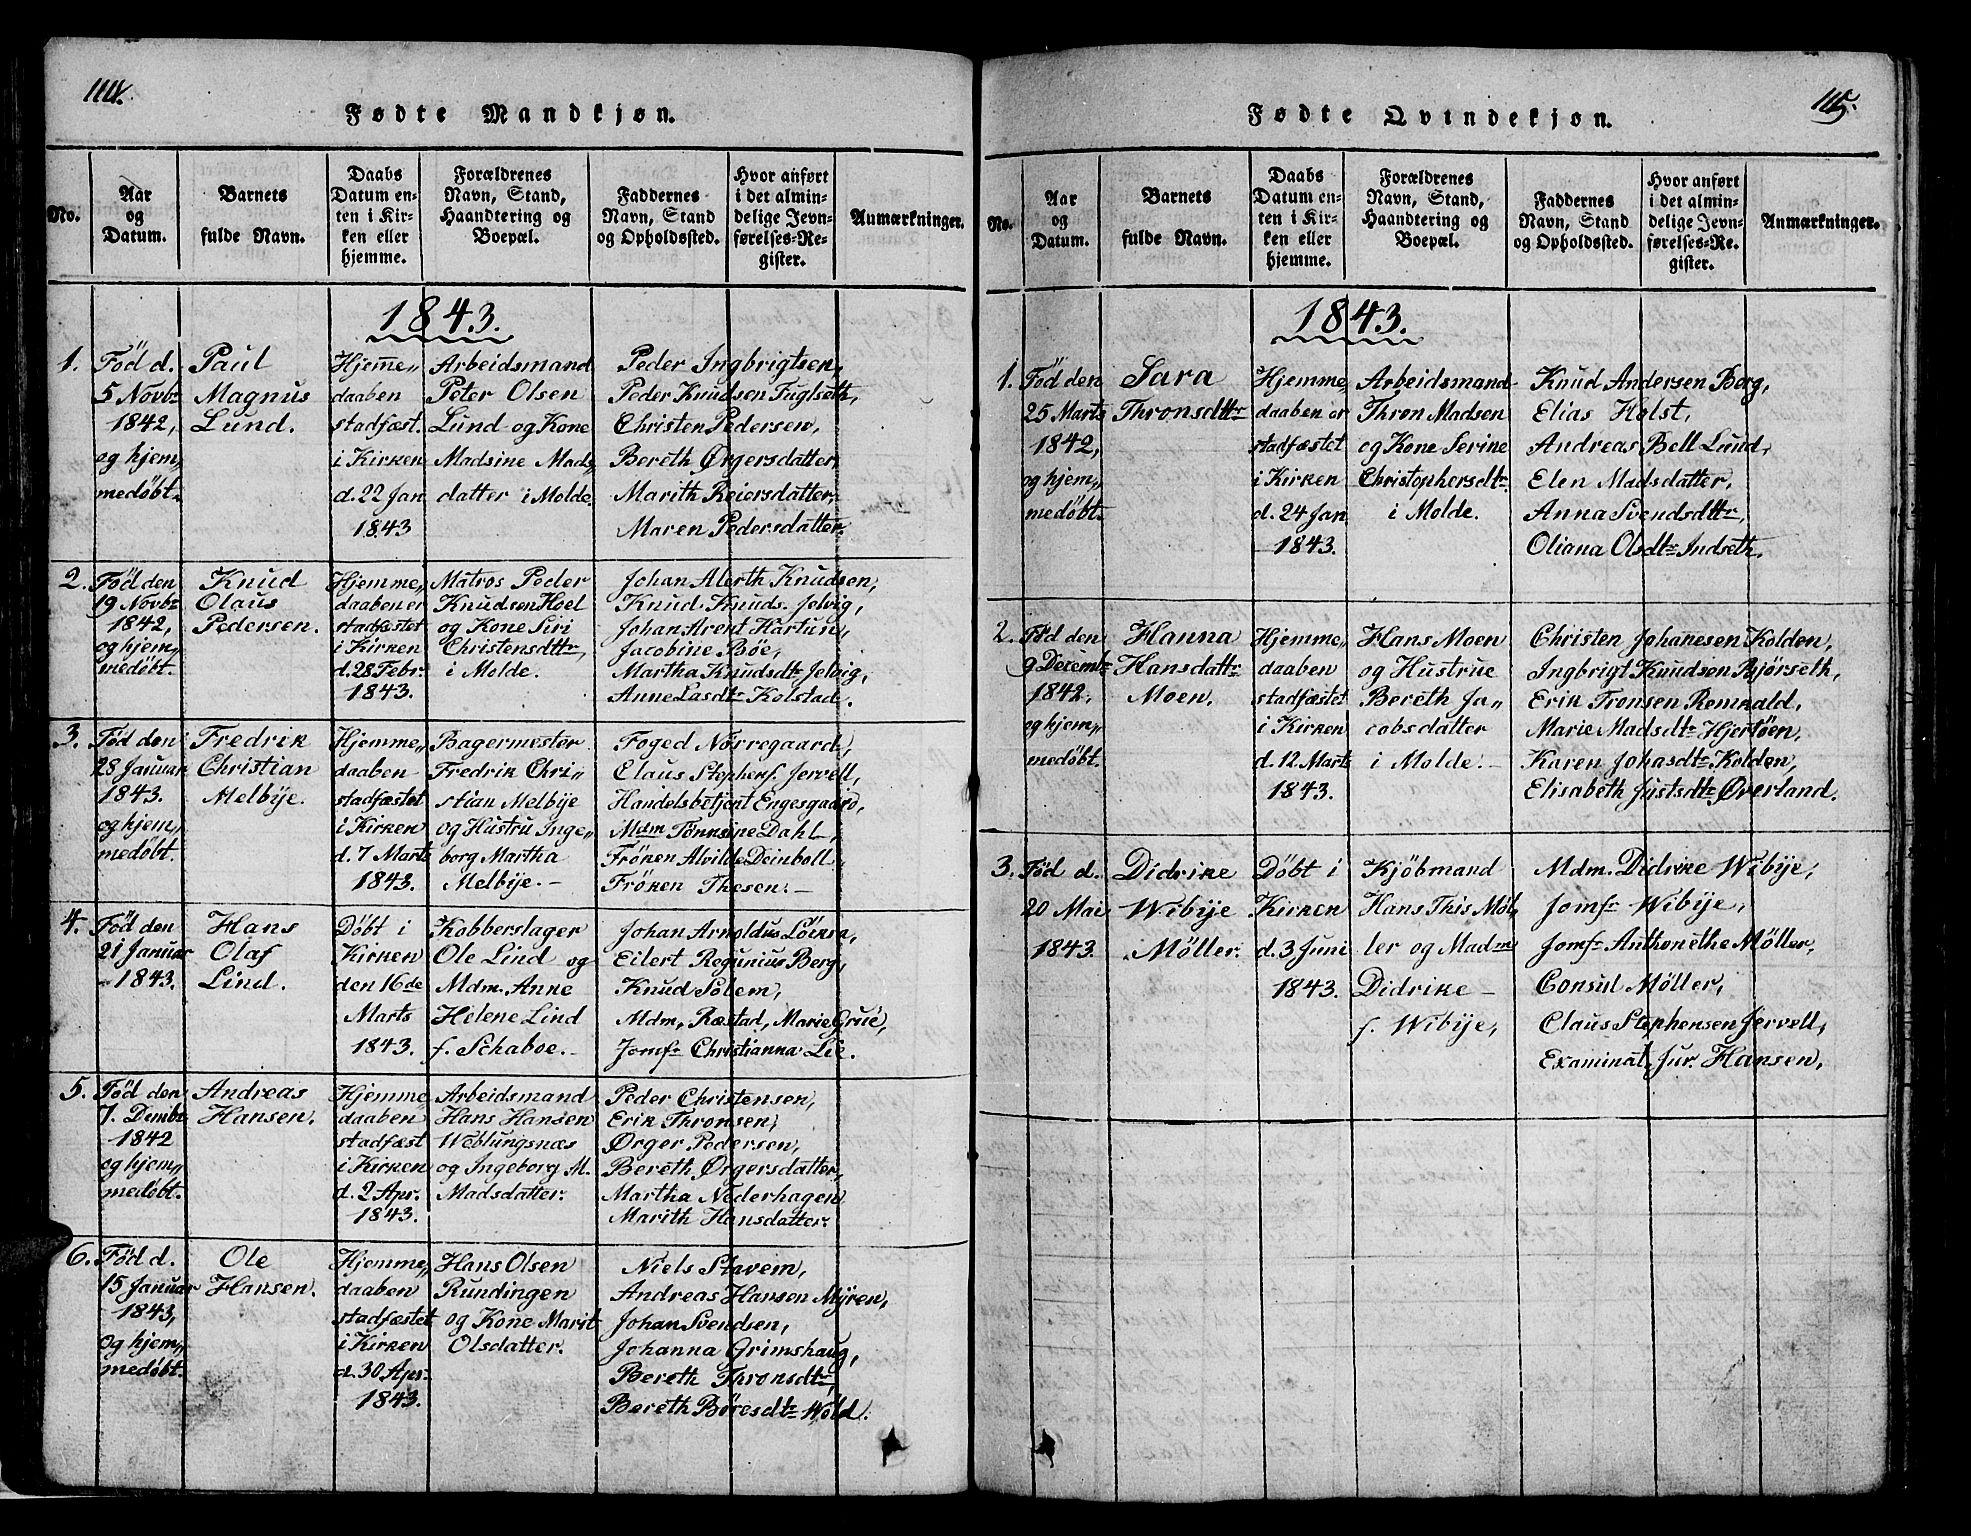 SAT, Ministerialprotokoller, klokkerbøker og fødselsregistre - Møre og Romsdal, 558/L0700: Klokkerbok nr. 558C01, 1818-1868, s. 114-115